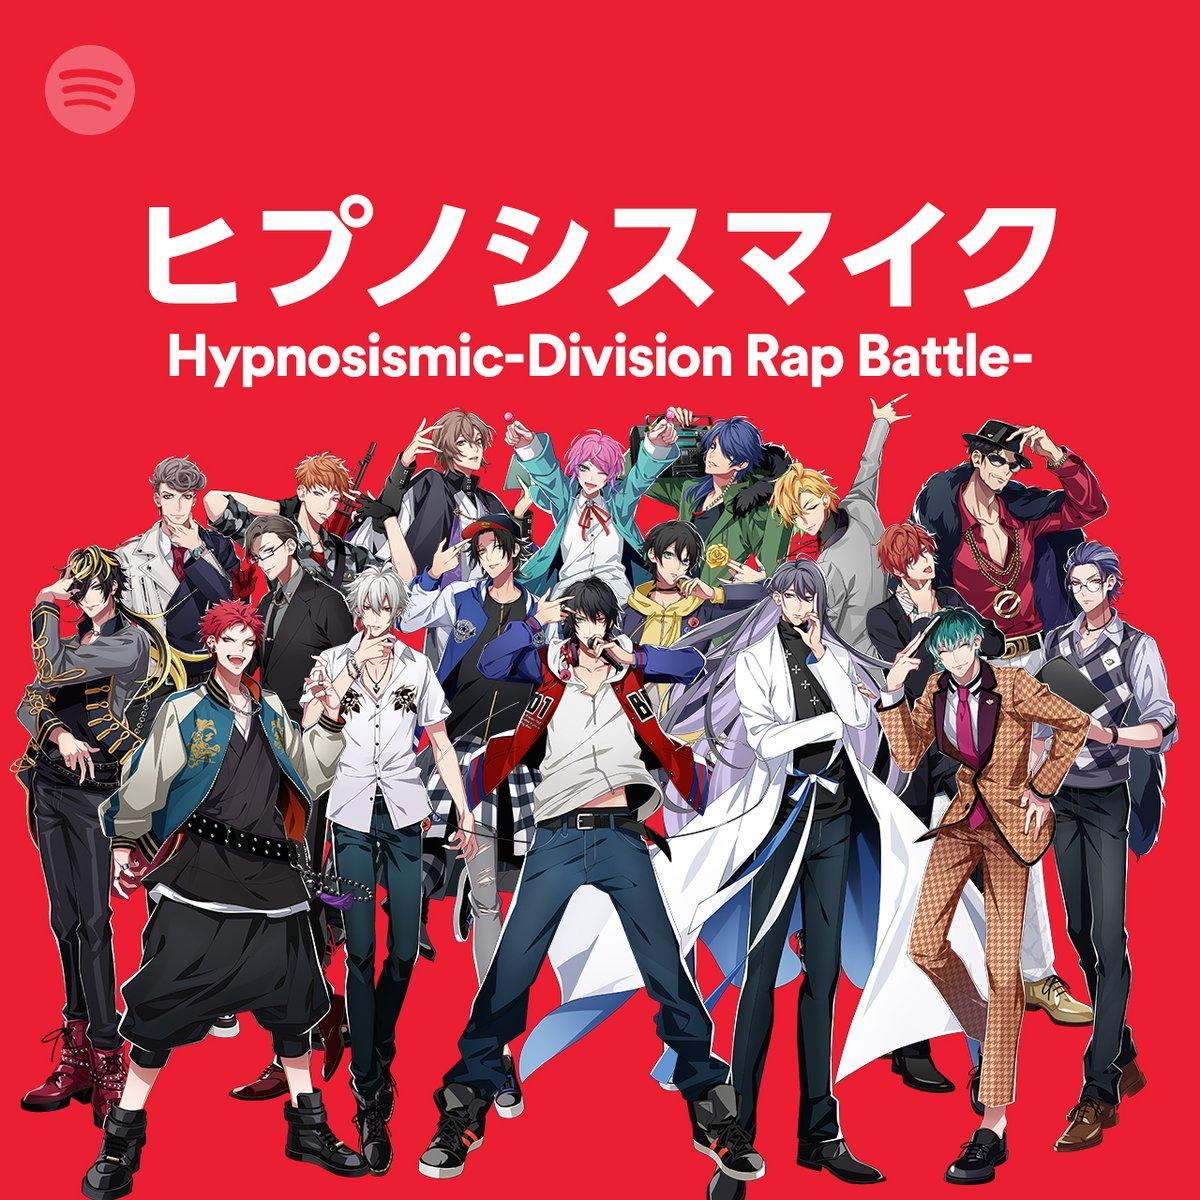 音楽原作キャラクターラッププロジェクト『#ヒプノシスマイク (@hypnosismic)』の楽曲&ポッドキャストをプレイリストでも🎤